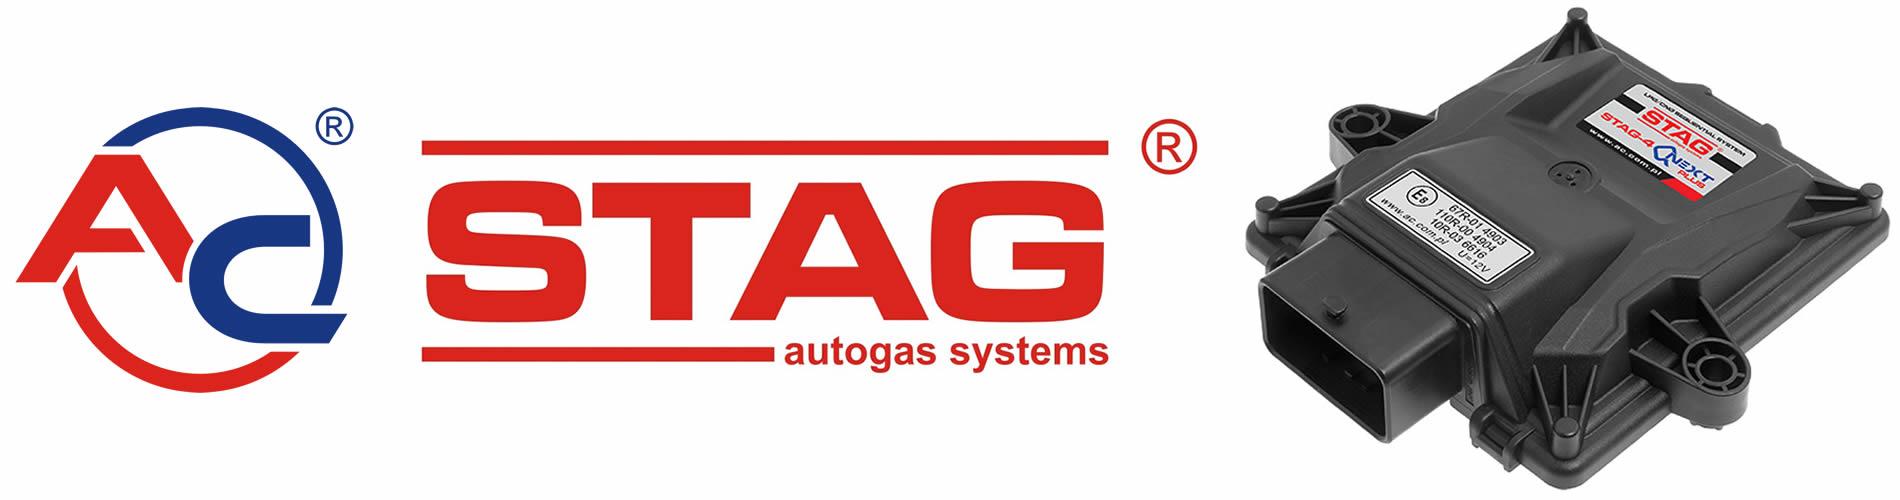 Logo AC STAG e prodotto